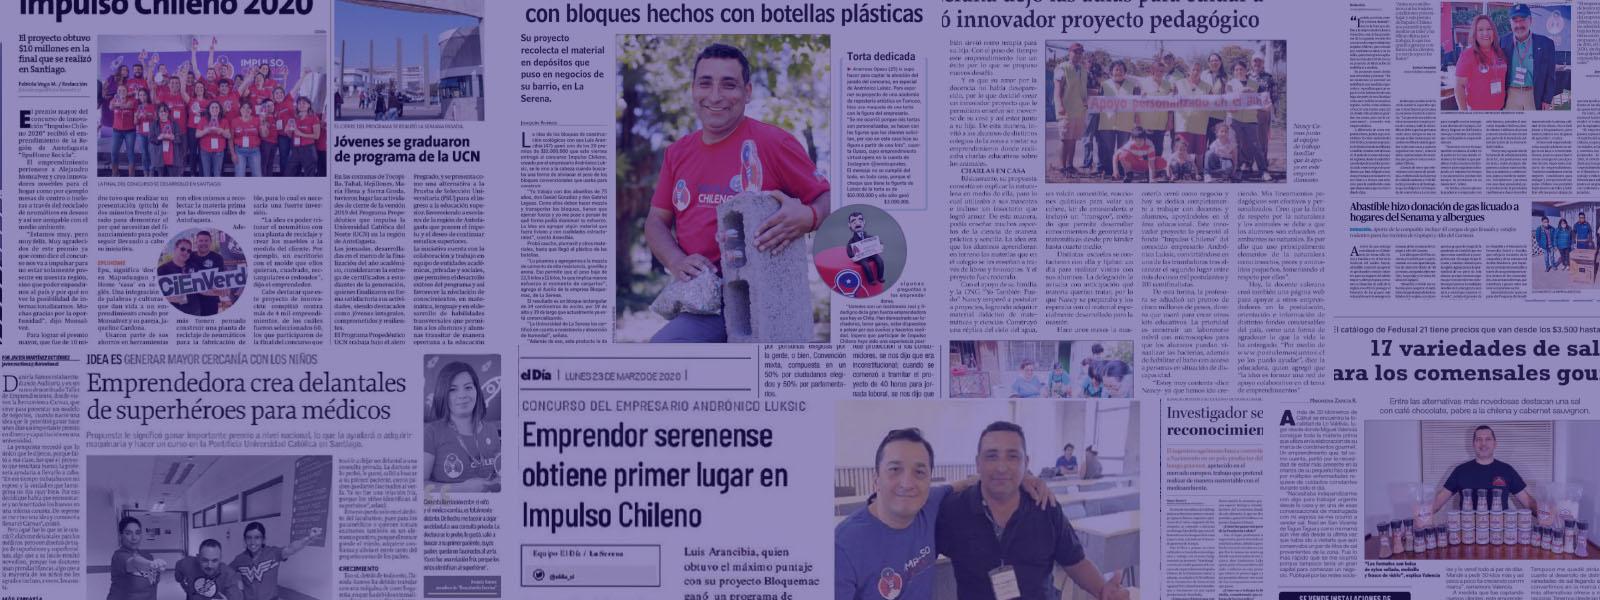 Emprendedores Linarenses son uno de los 100 ganadores de Impulso Chileno 2020 de Fundación Luksic